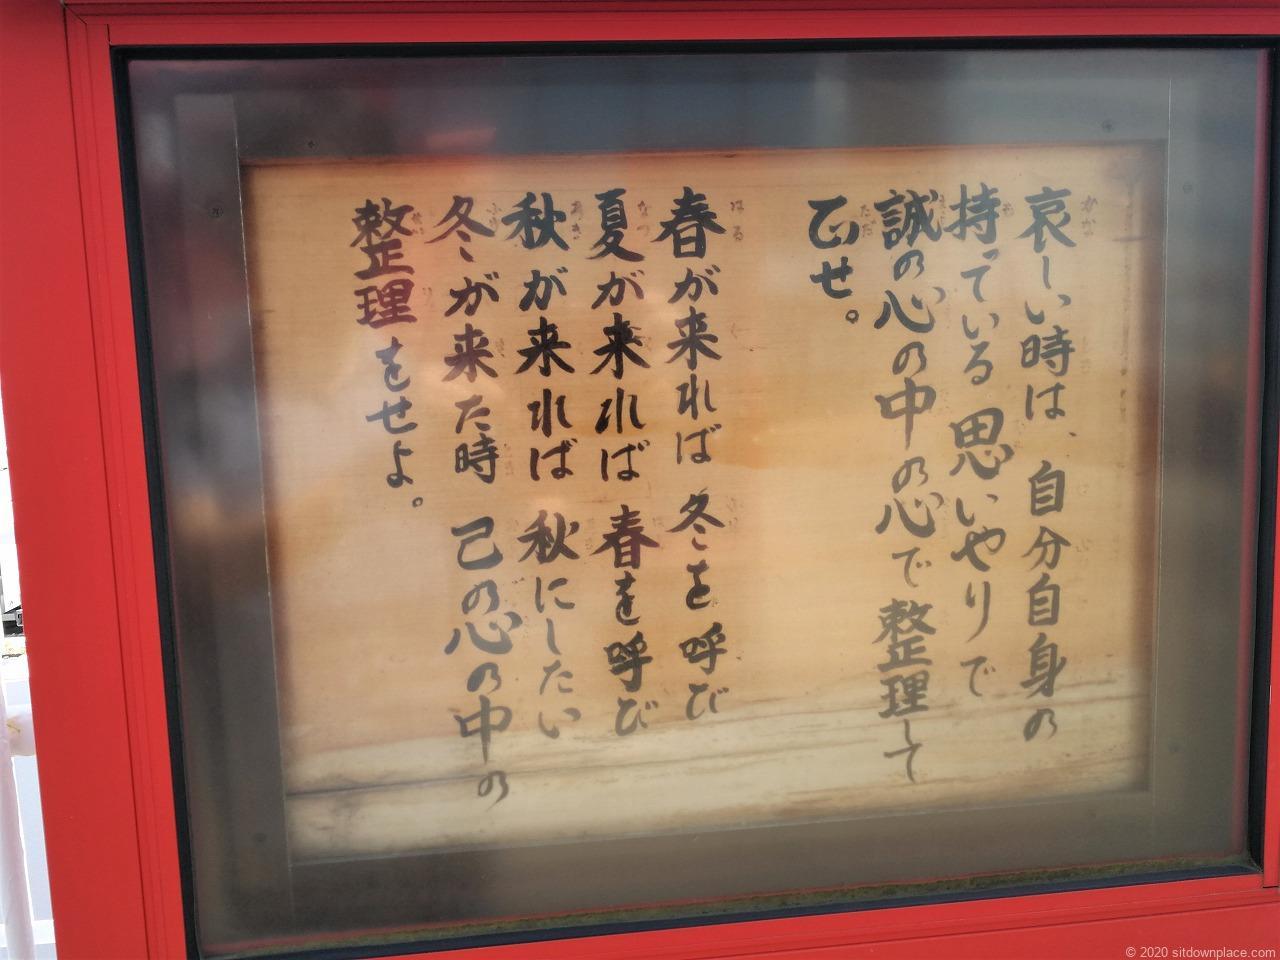 浜松駅遠鉄百貨店屋上の遠鉄大明神のいい言葉